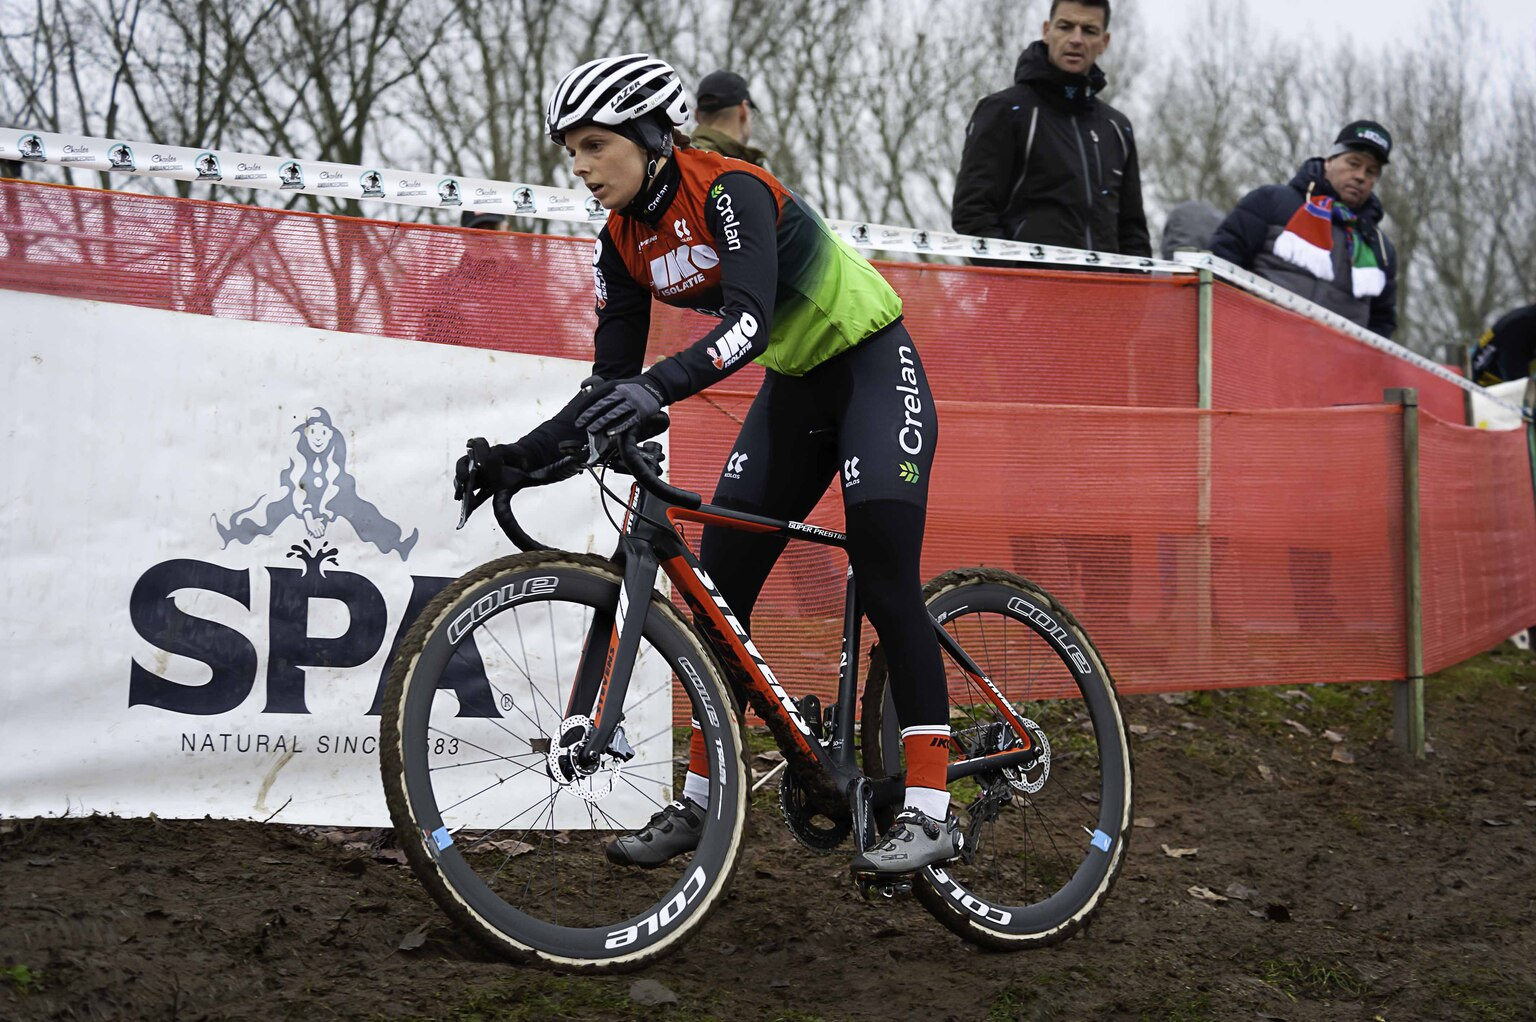 Photography - sportfotgrafie - foto door focuscabrio op 14-04-2021 - locatie: België - deze foto bevat: fiets, band, fietshelm, wiel, fietsshirt, fietsen - uitrusting en benodigdheden, landvoertuig, fietswiel, sportuitrusting, fietsframe